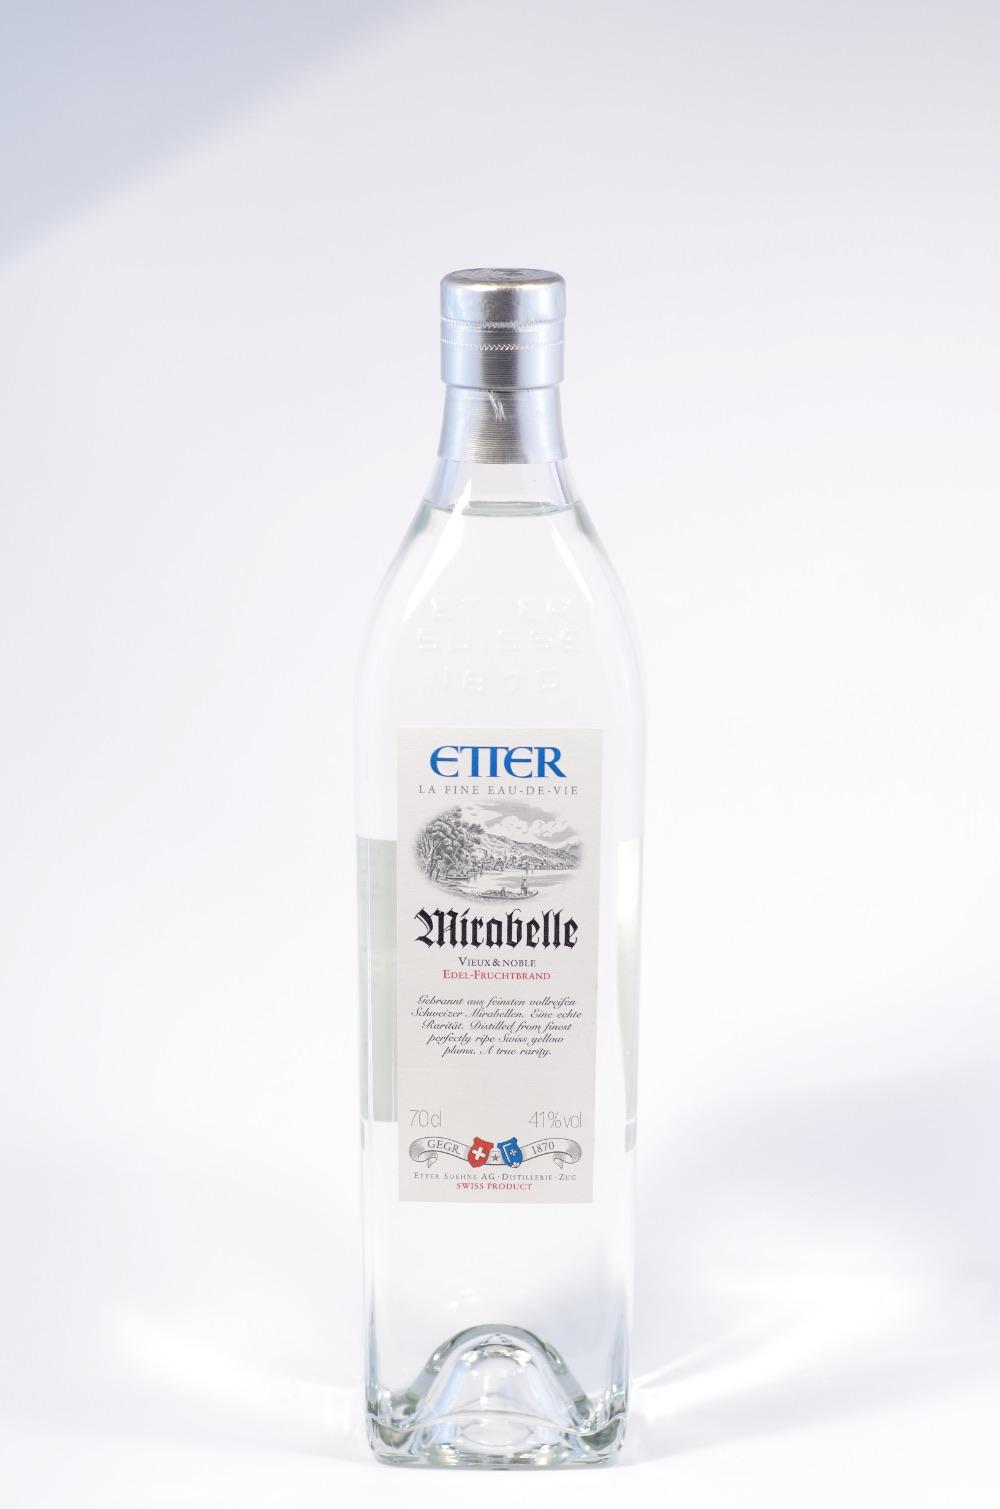 Etter Mirabelle Edel-Fruchtbrand Bild